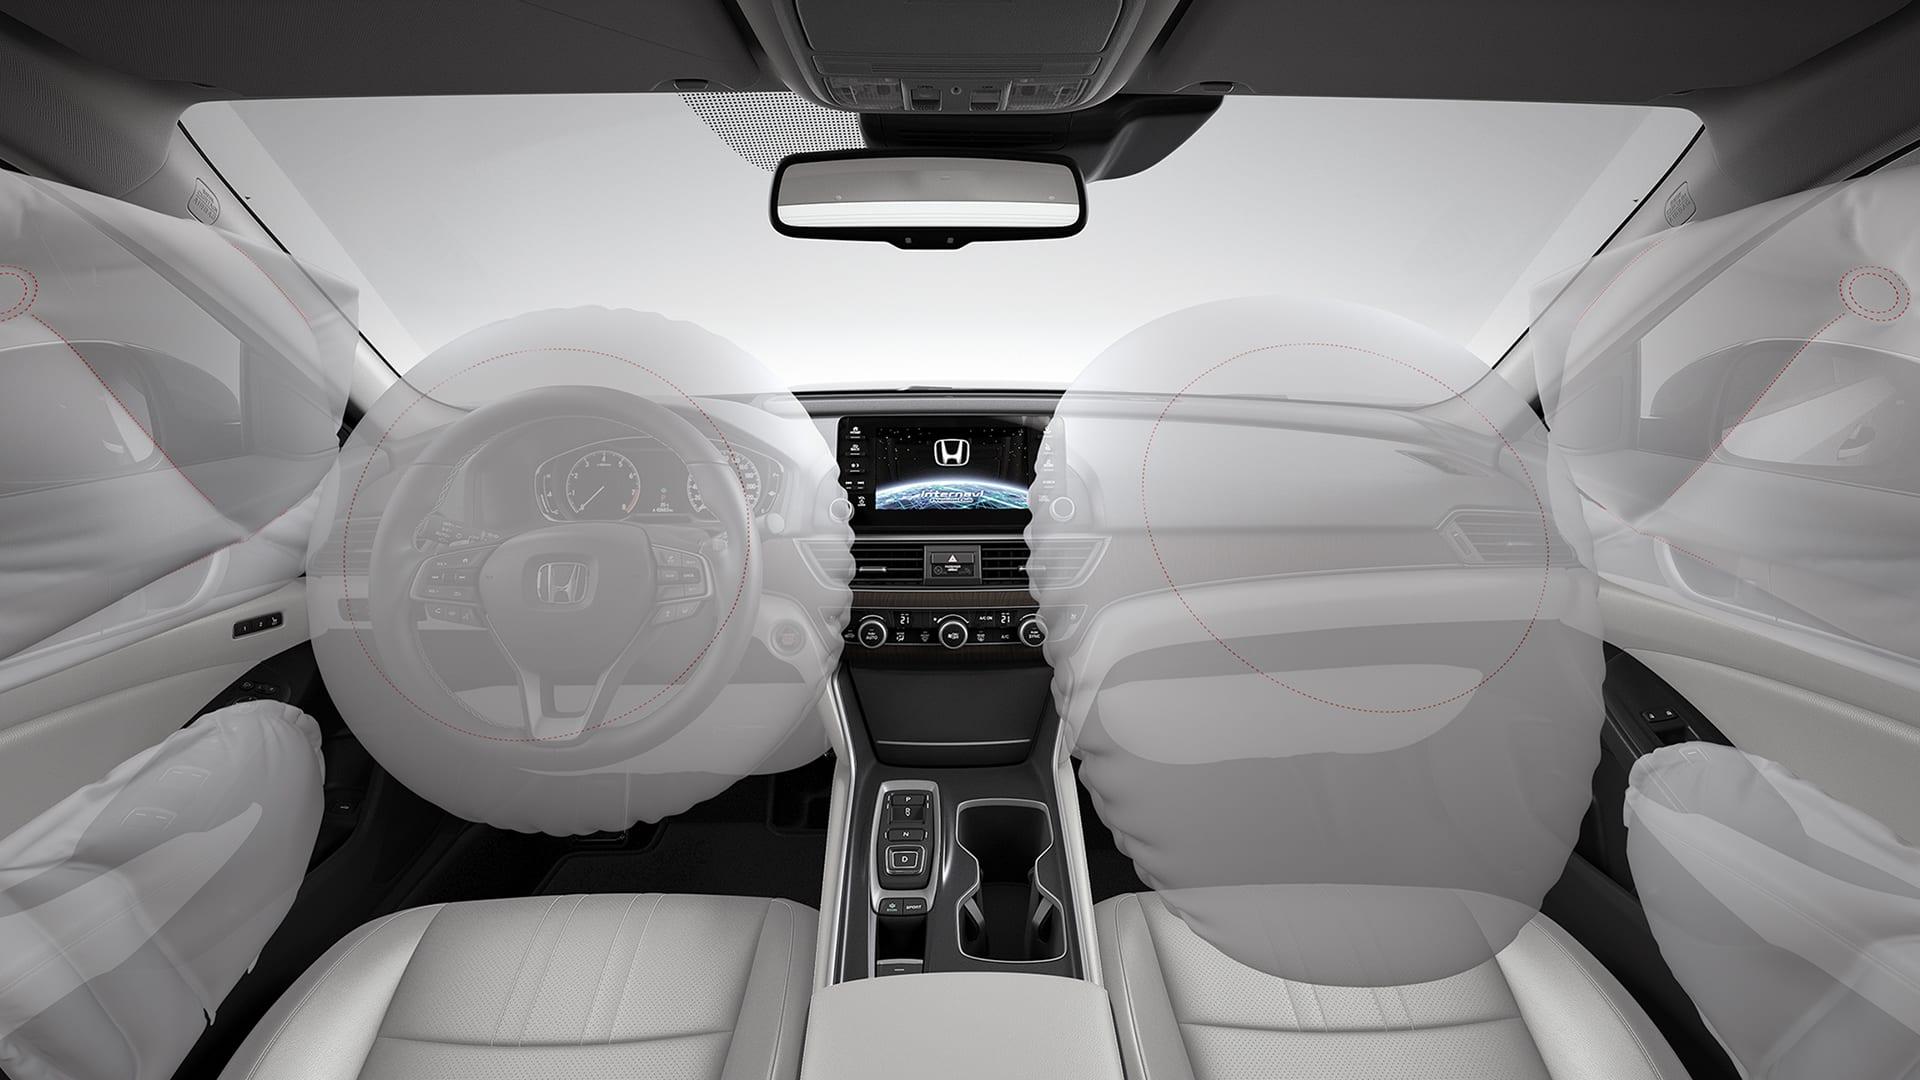 Accord - Sistema de segurança com airbags frontais, laterais, de cortina e para joelhos